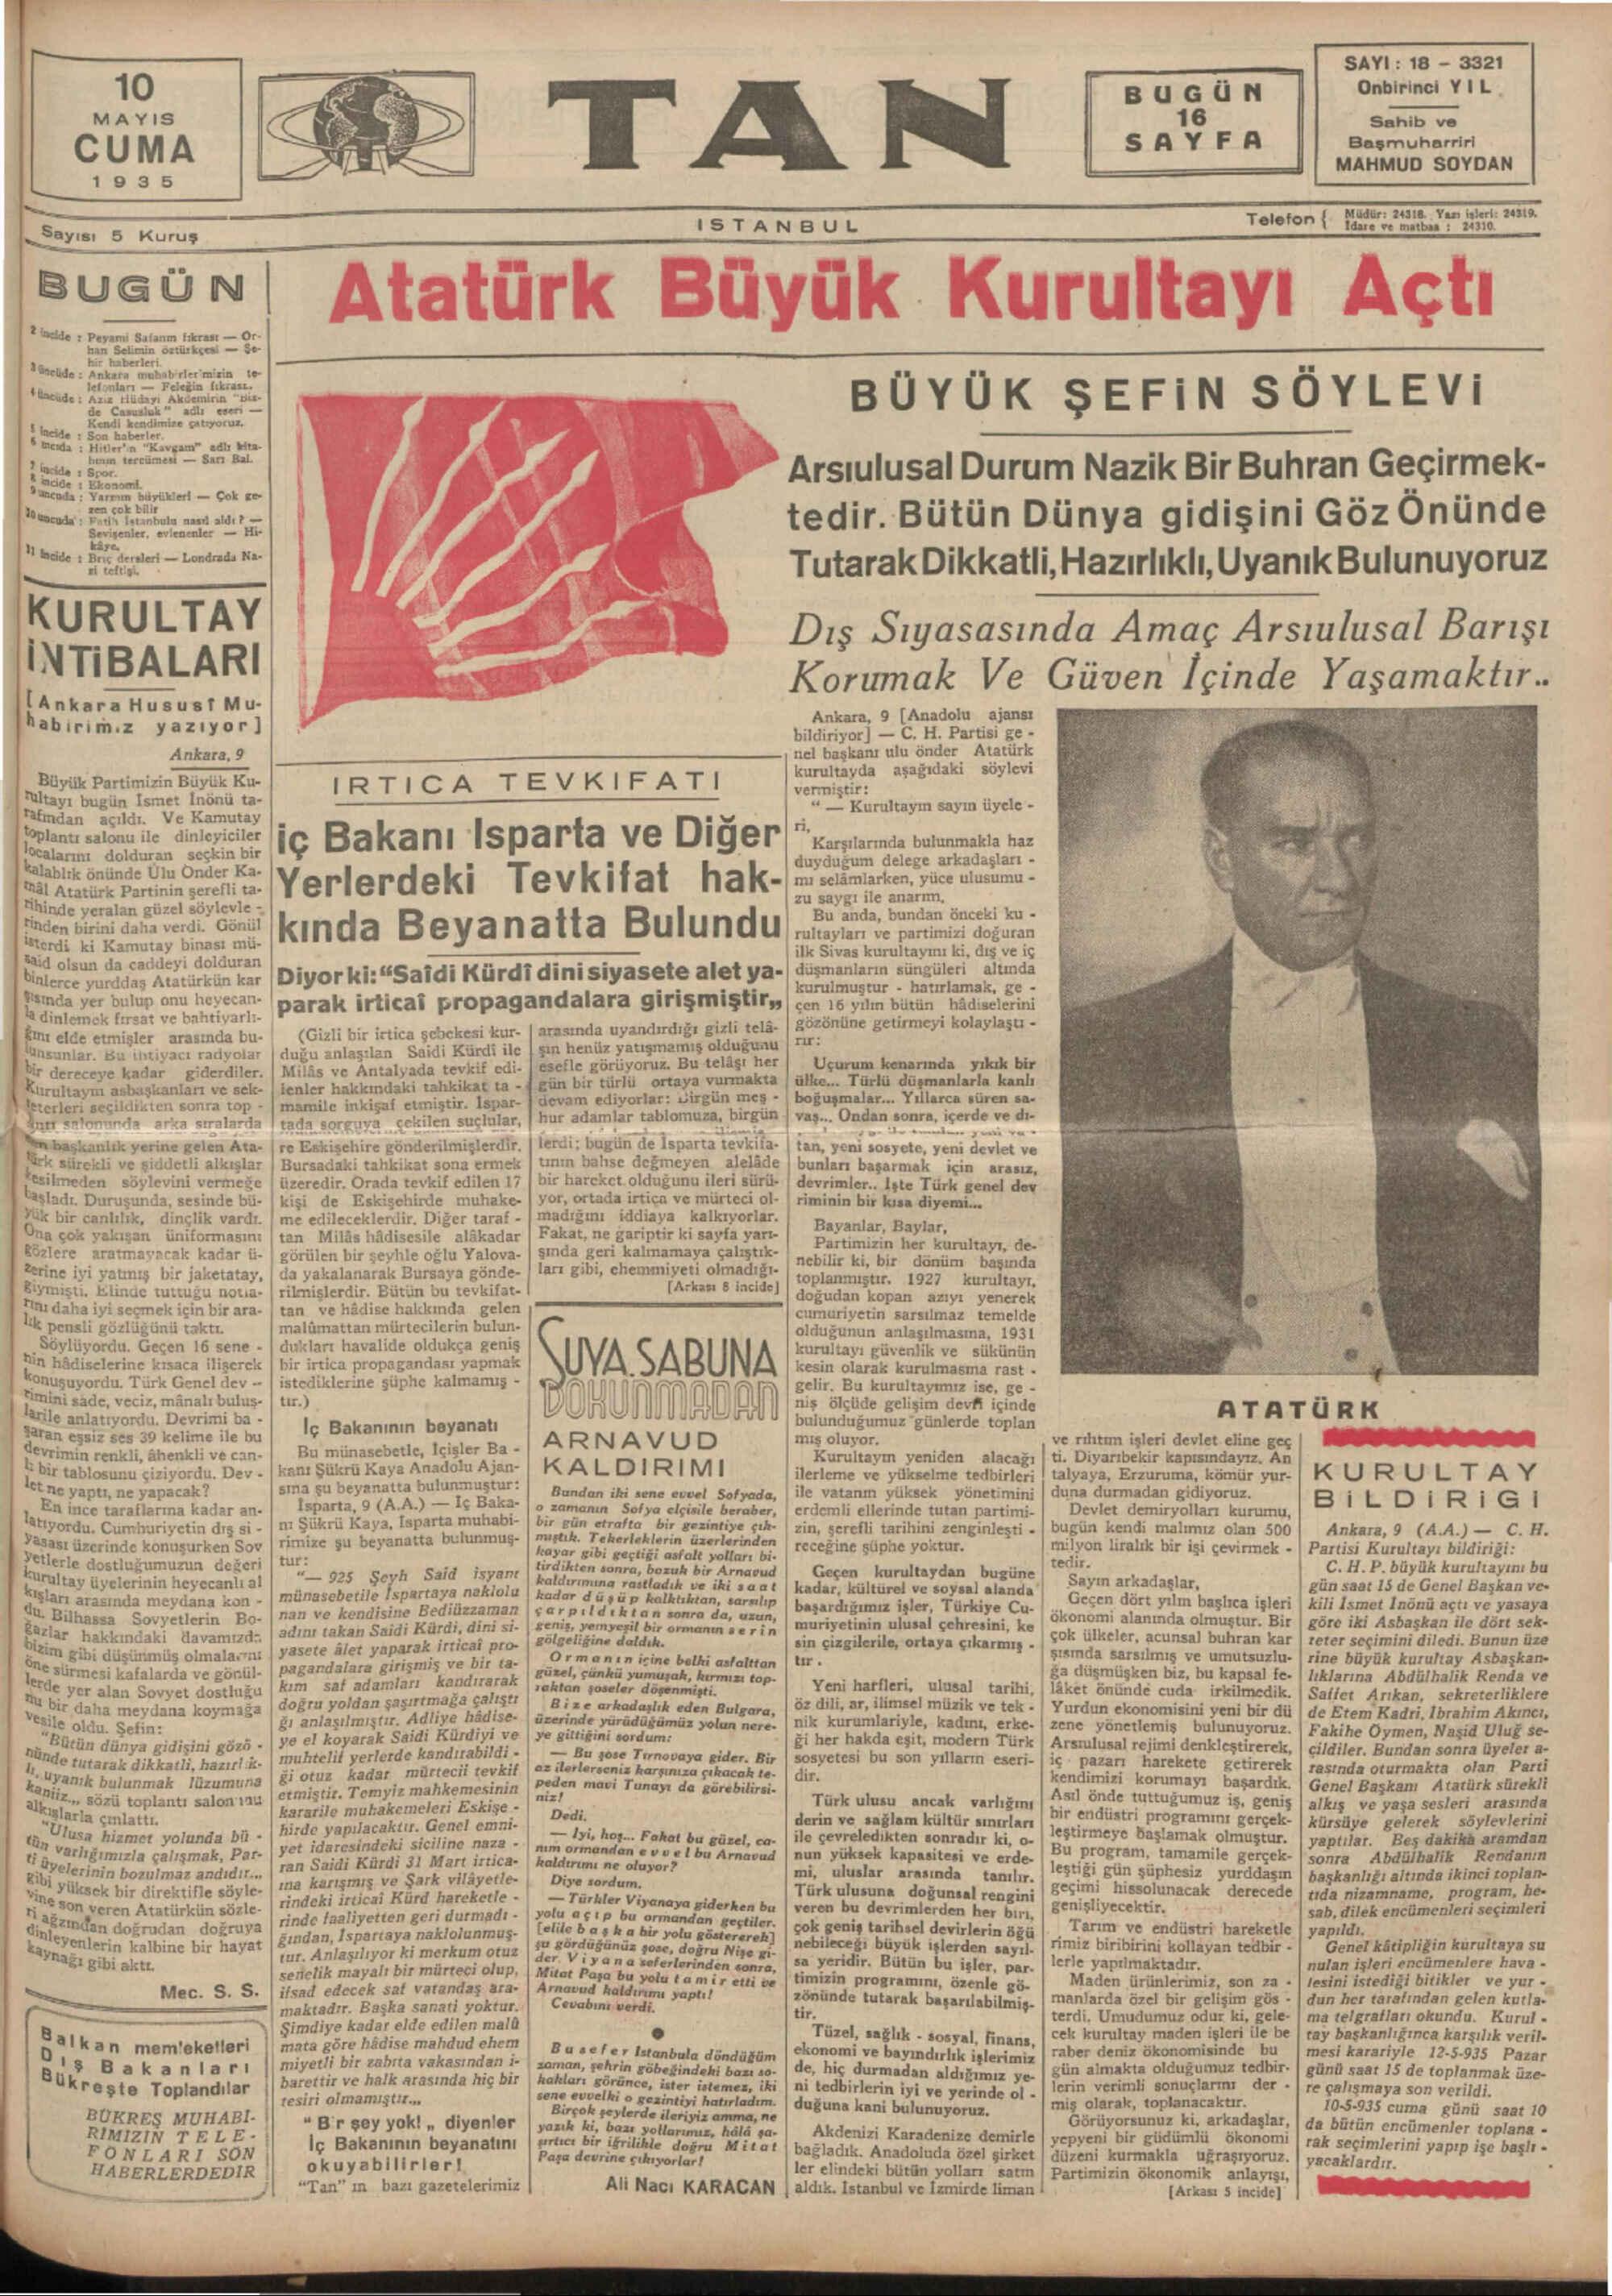 10 Mayıs 1935 Tarihli Tan Gazetesi Sayfa 1